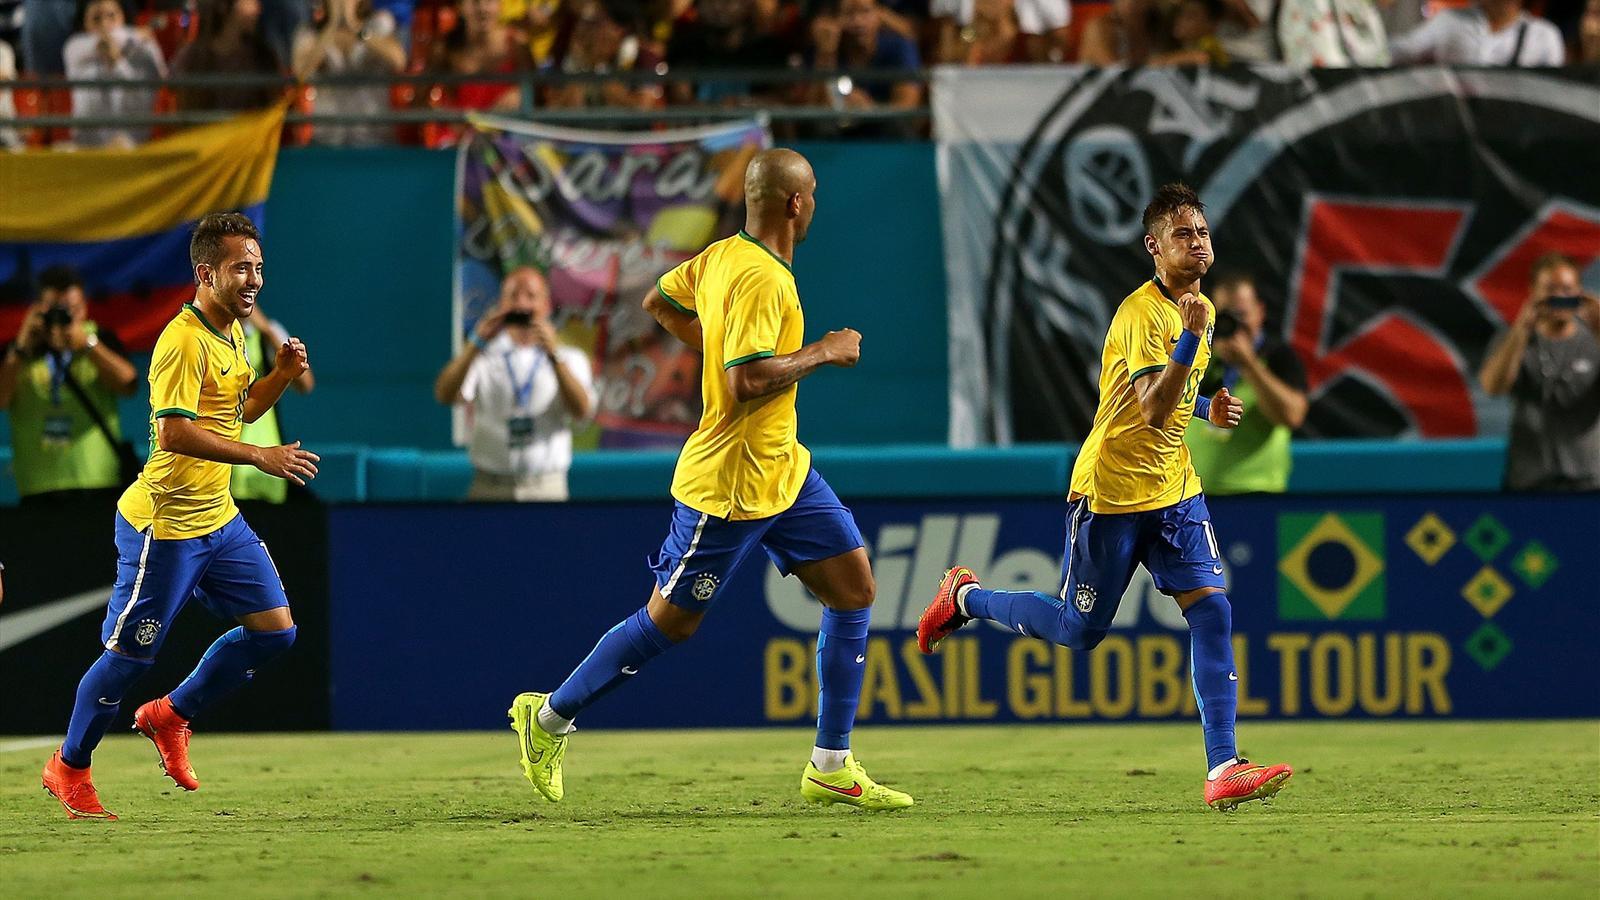 Le Brésil relève la tête face à la Colombie (1-0), David Luiz blessé au genou